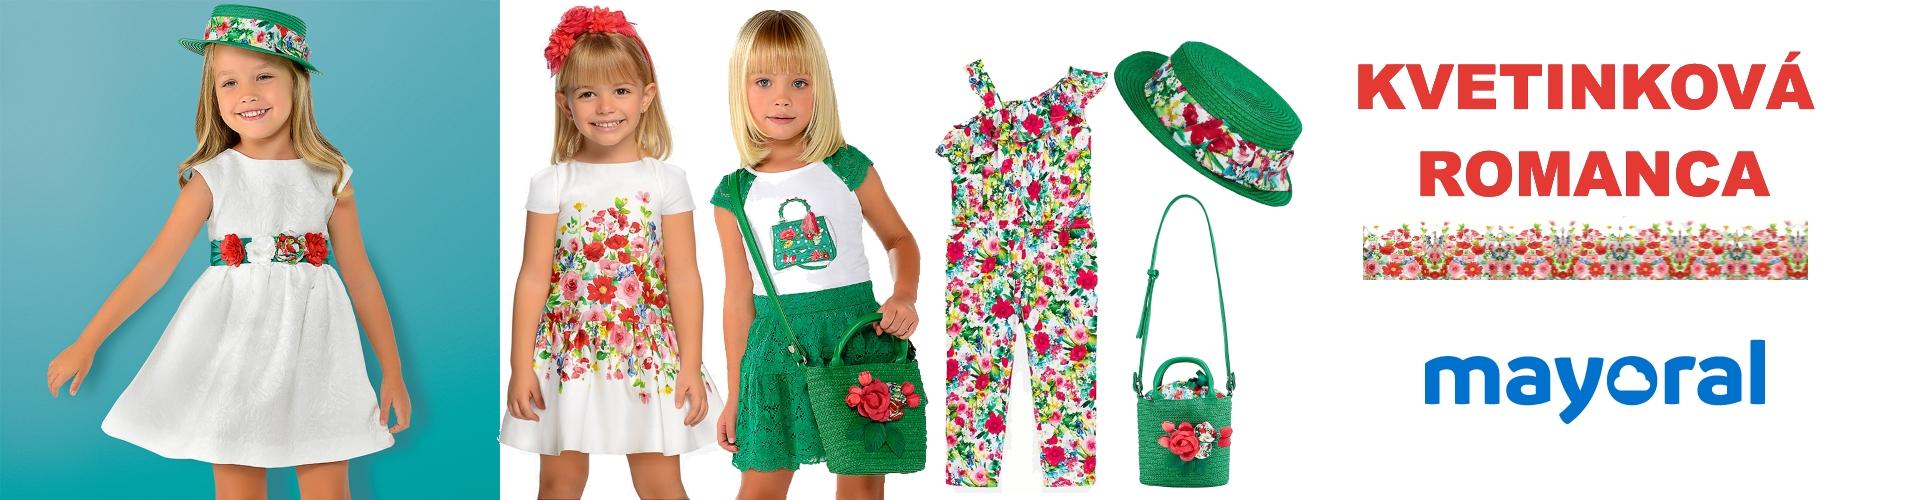 e02f3bc4d137 Mayoral - štýlové detské oblečenie